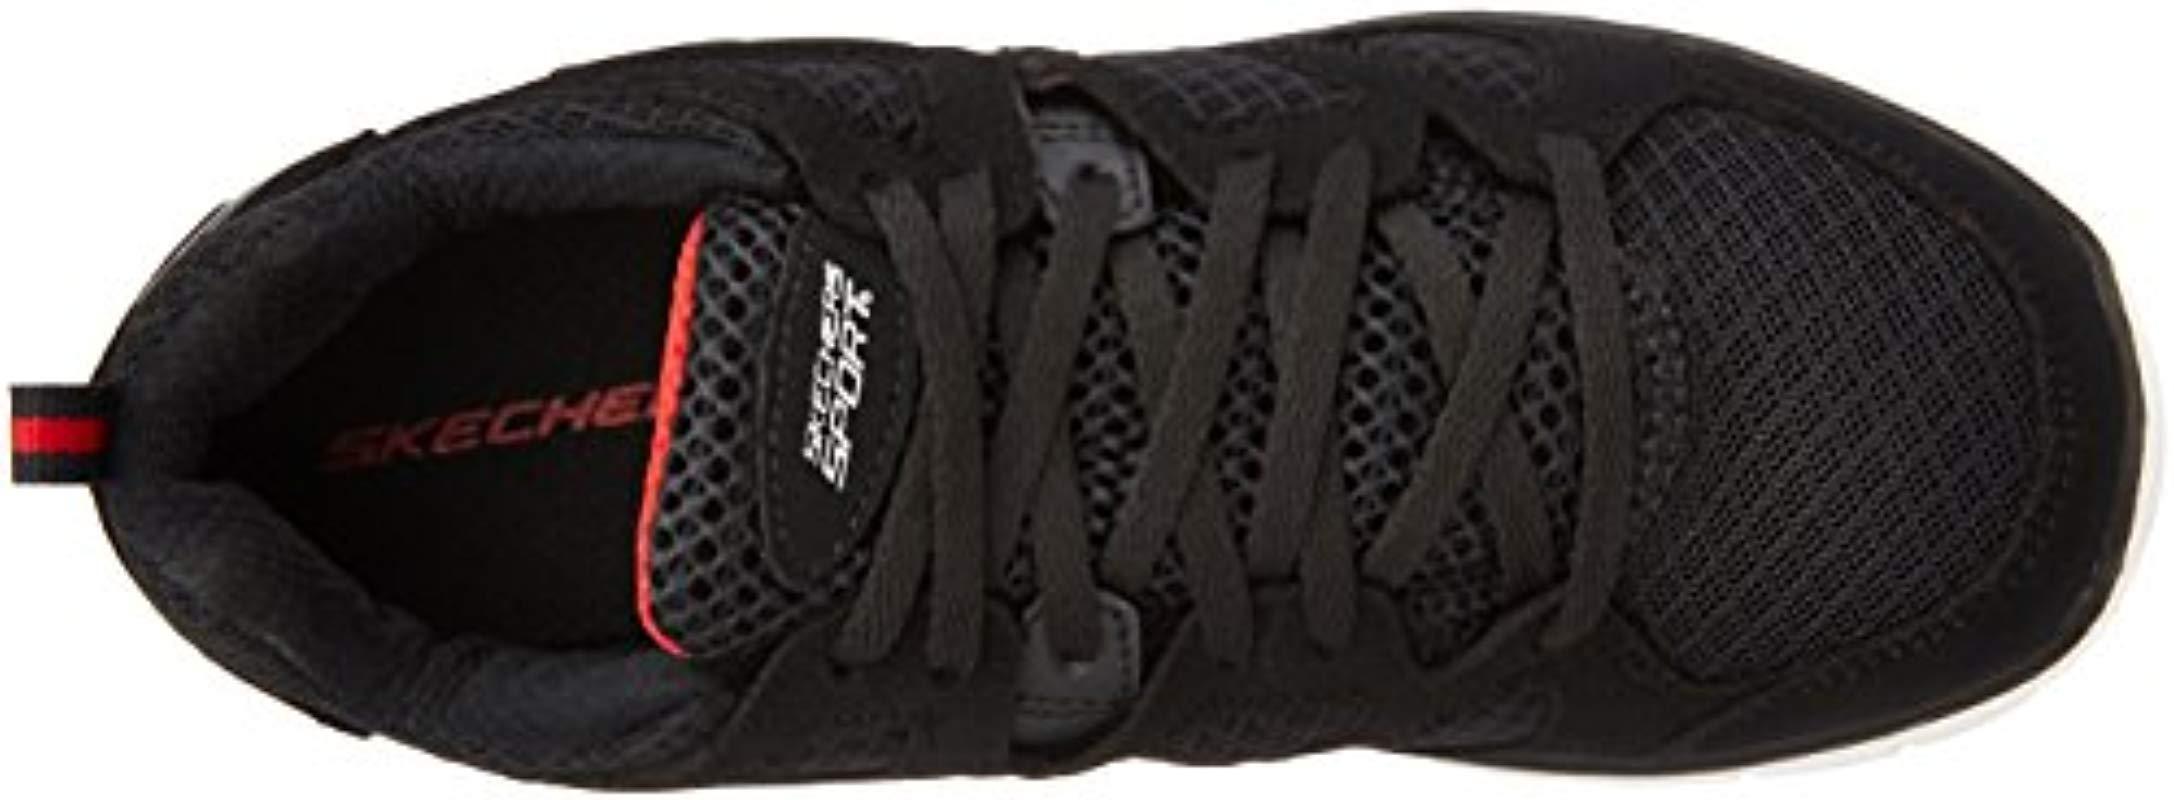 Vim- Turbo Ride 998090L, Zapatillas Deportivos, Niños Skechers de hombre de color Negro